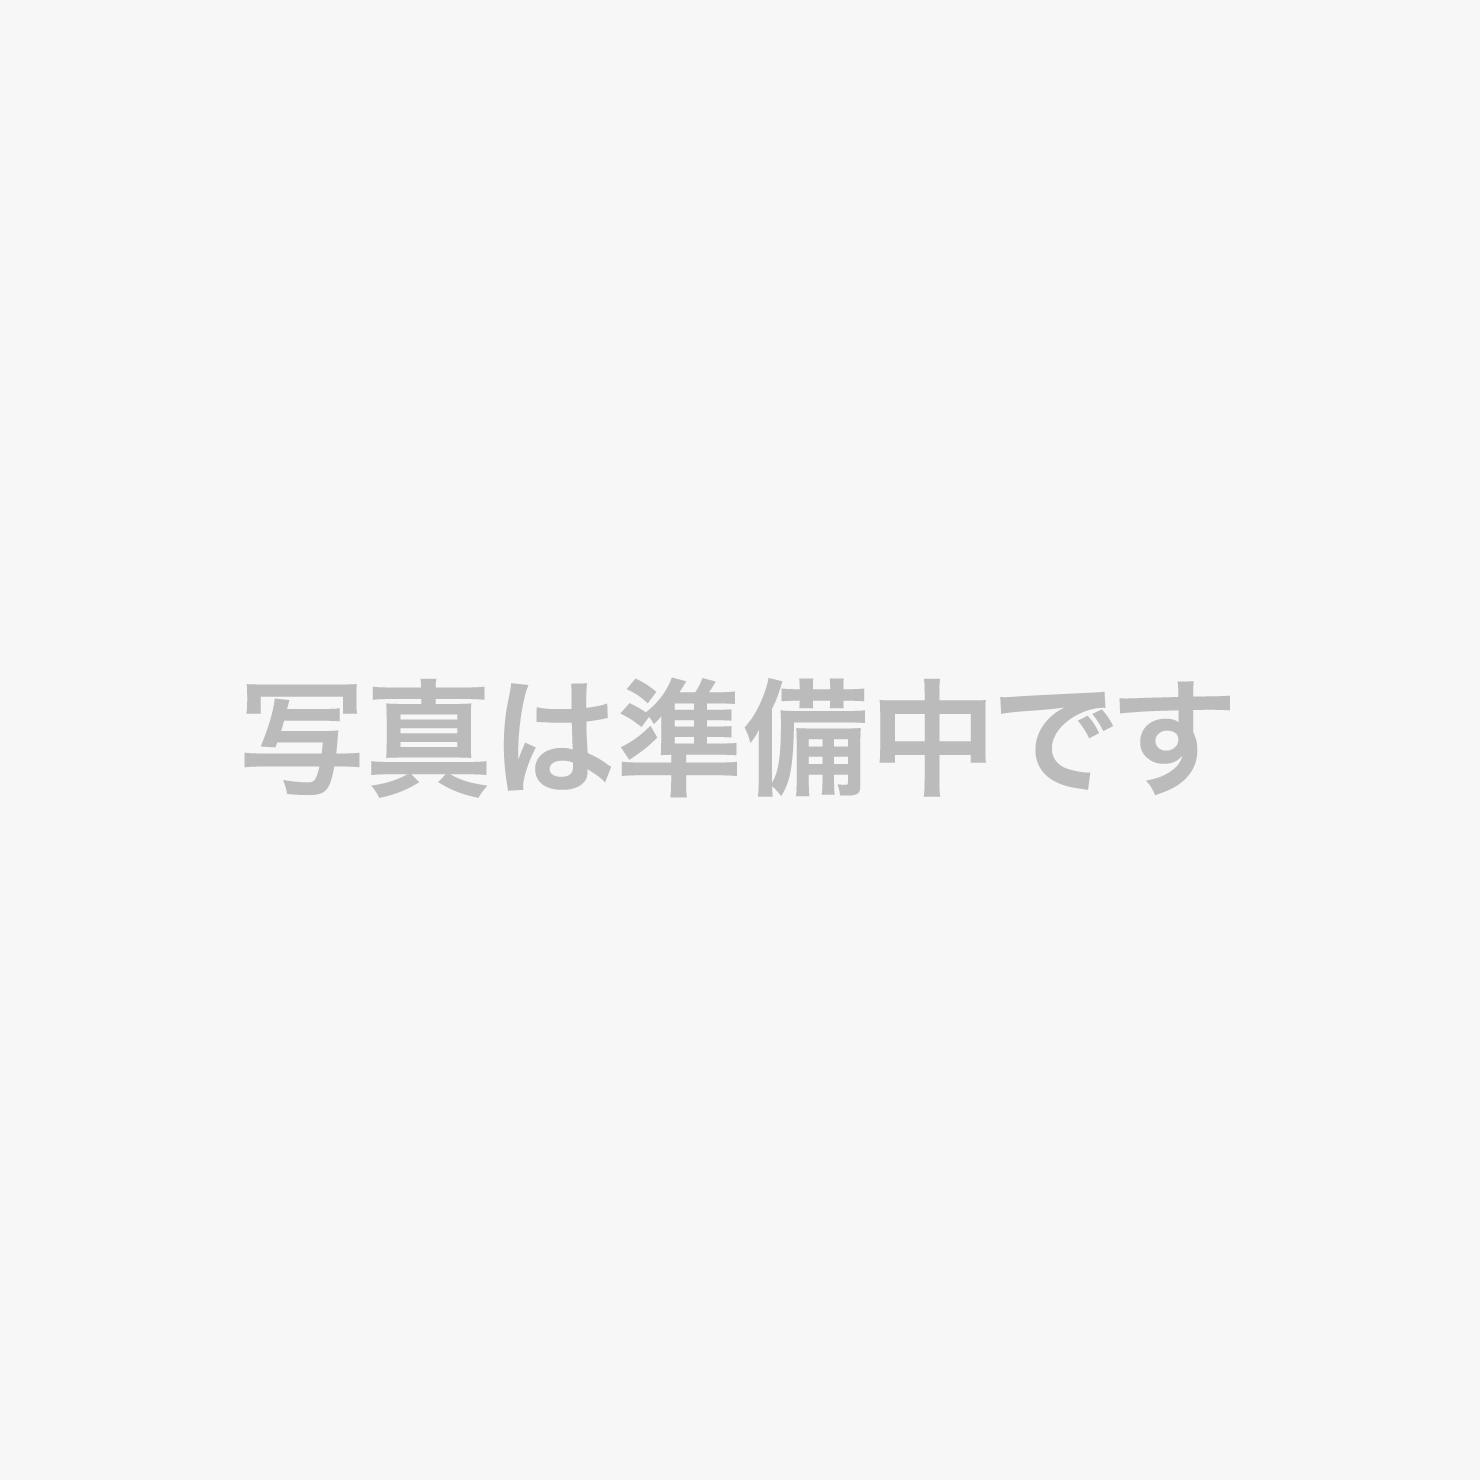 60th TOHO 心地よさをかたちに 【御宿東鳳60周年アニバーサリーYEAR!<2020年4月~12月>】